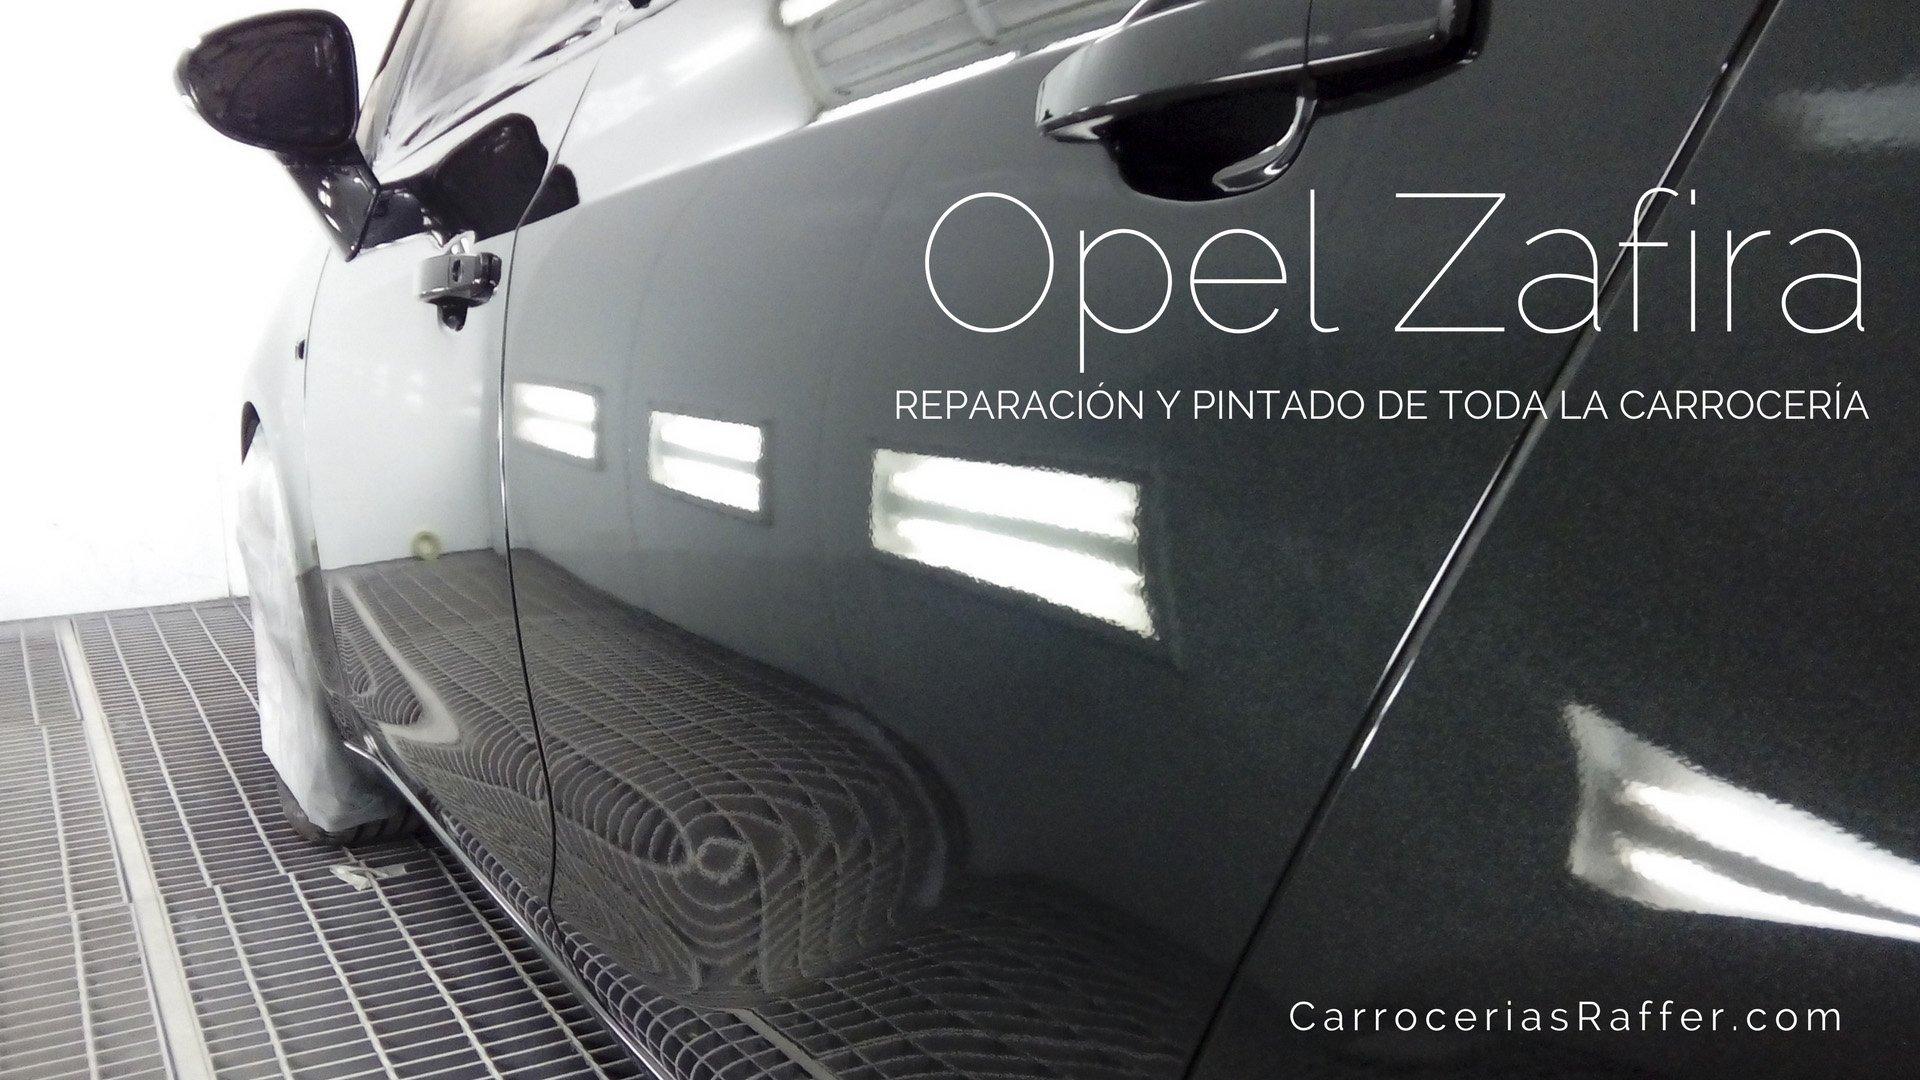 Reparación y pintado de toda la carrocería. Opel Zafira (2016)